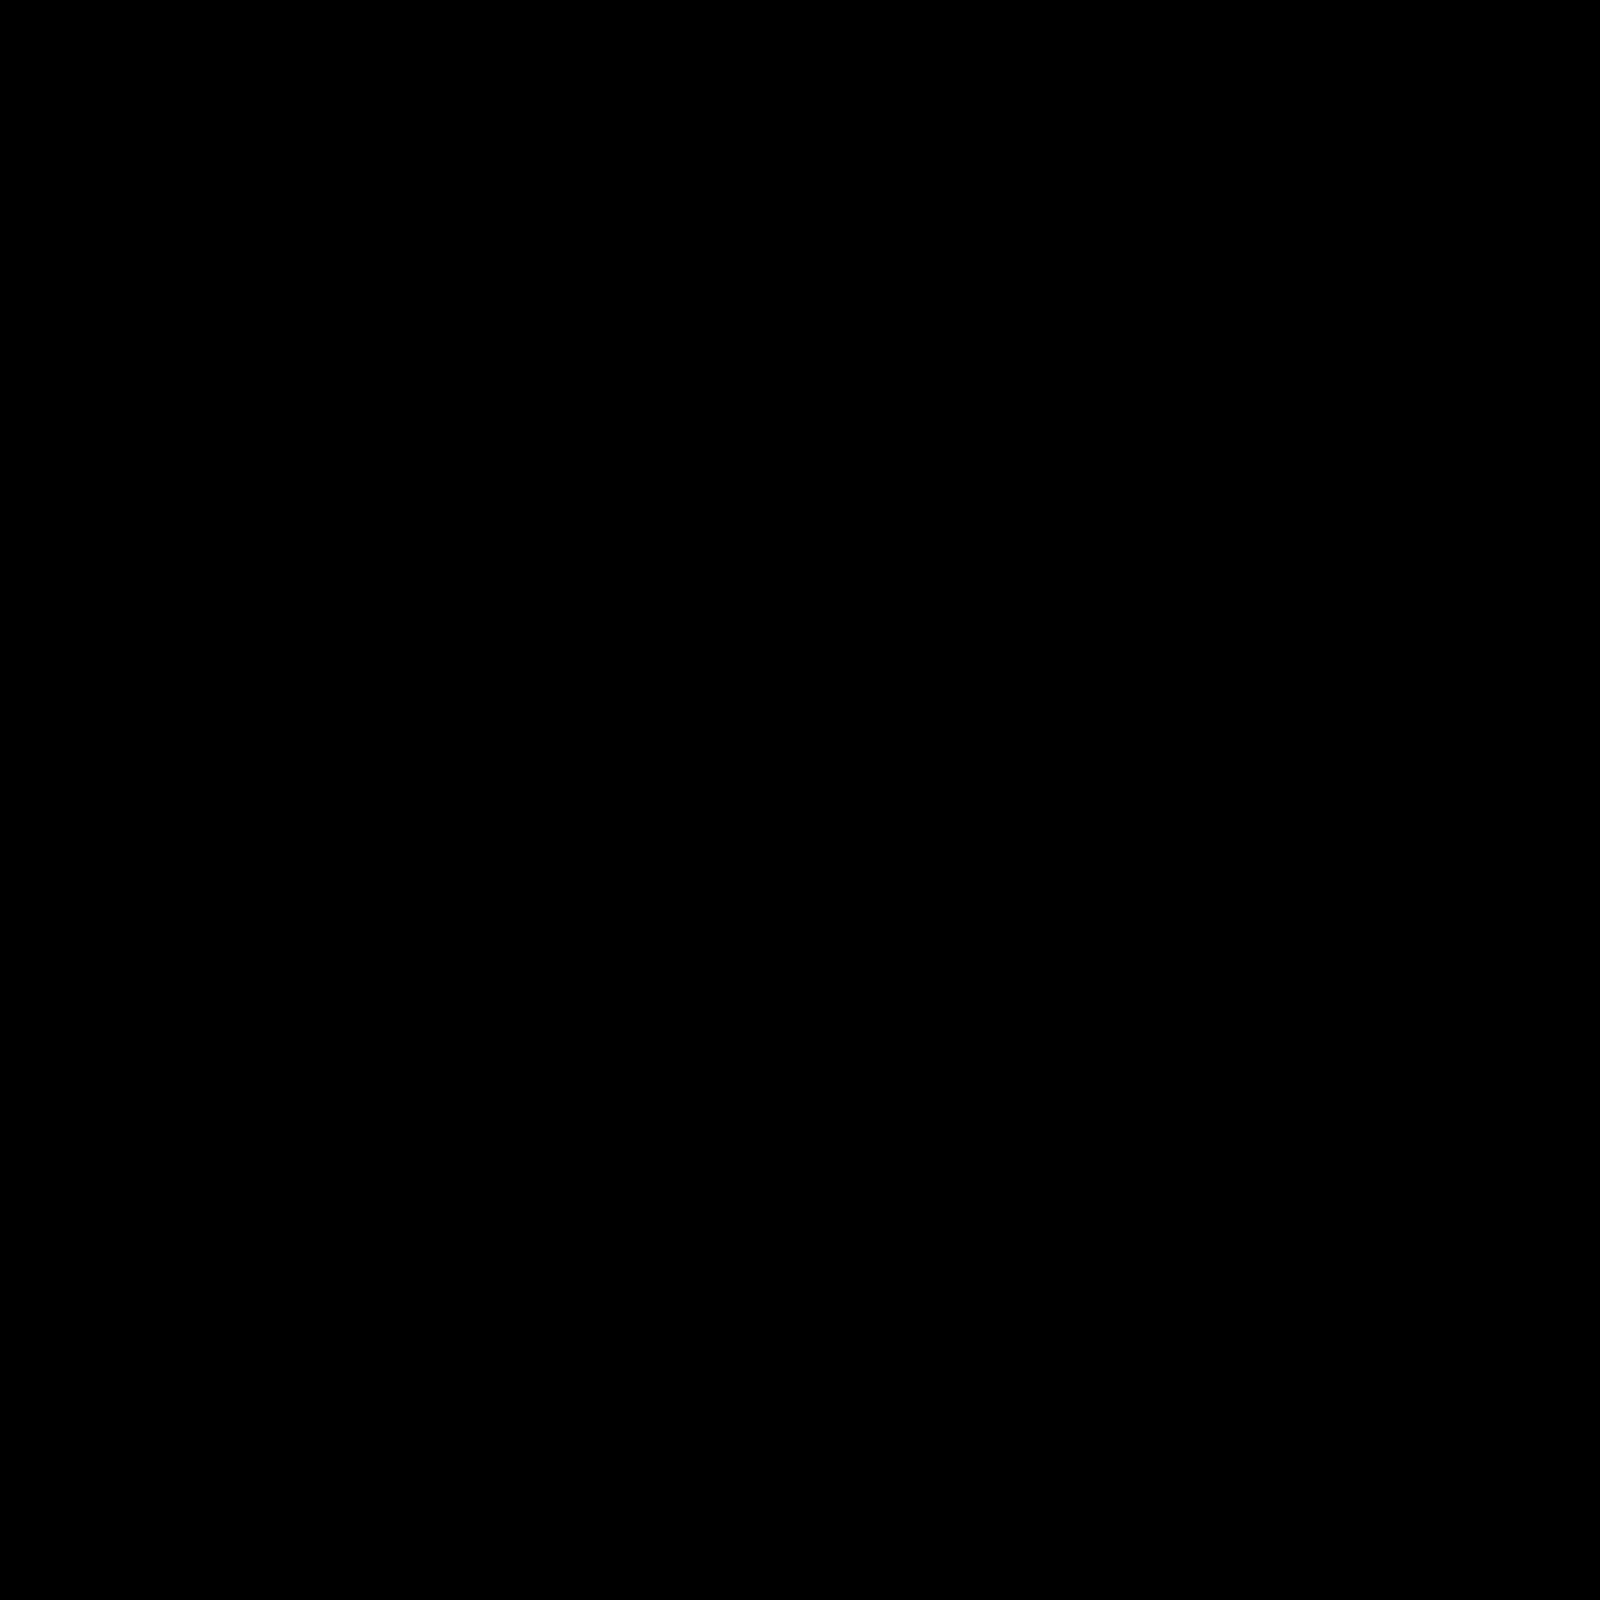 ドメイン icon